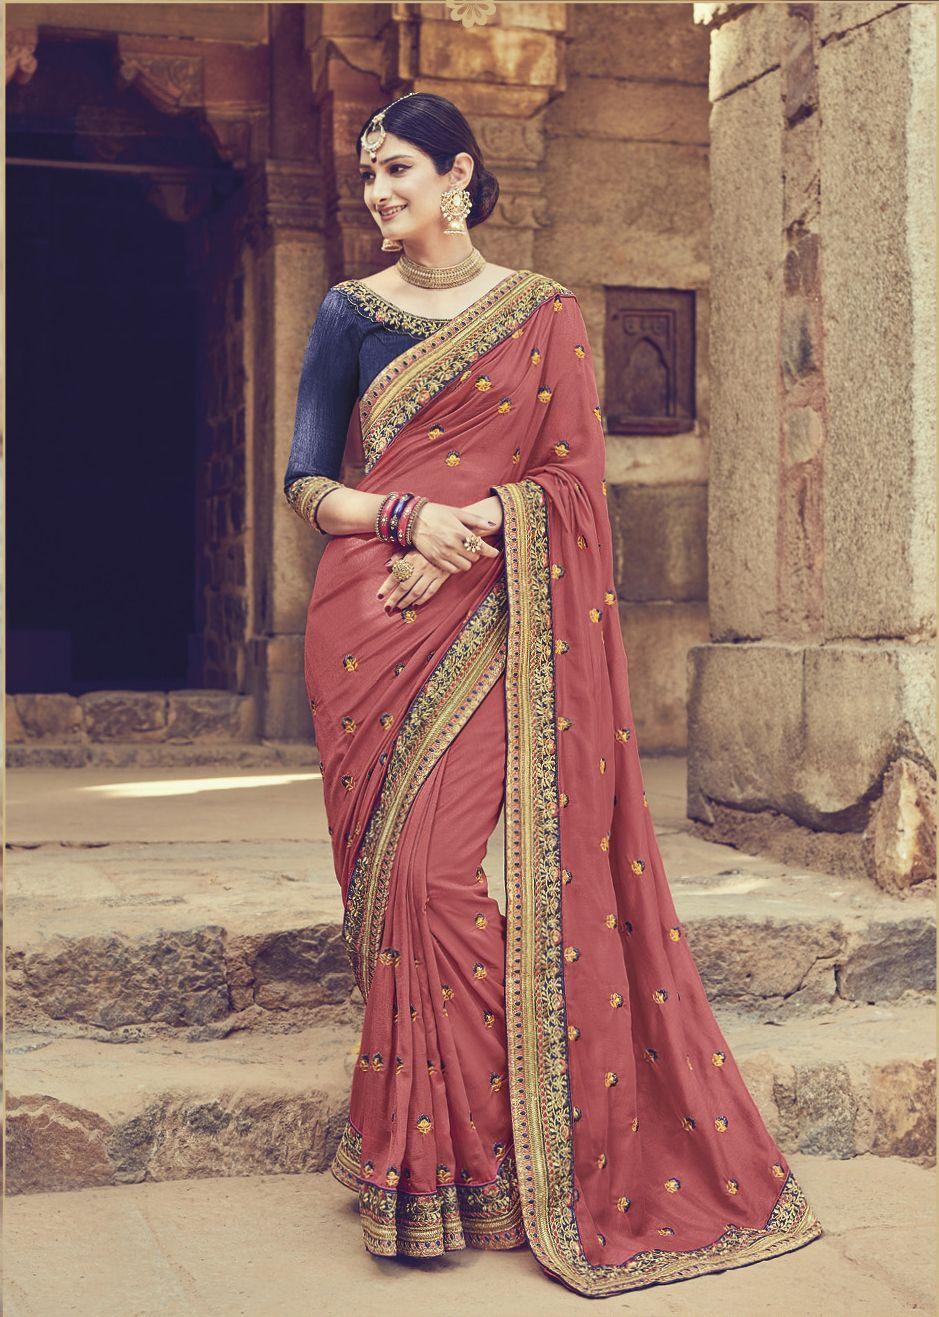 Velvet saree images price  catalog no  design no  for order call